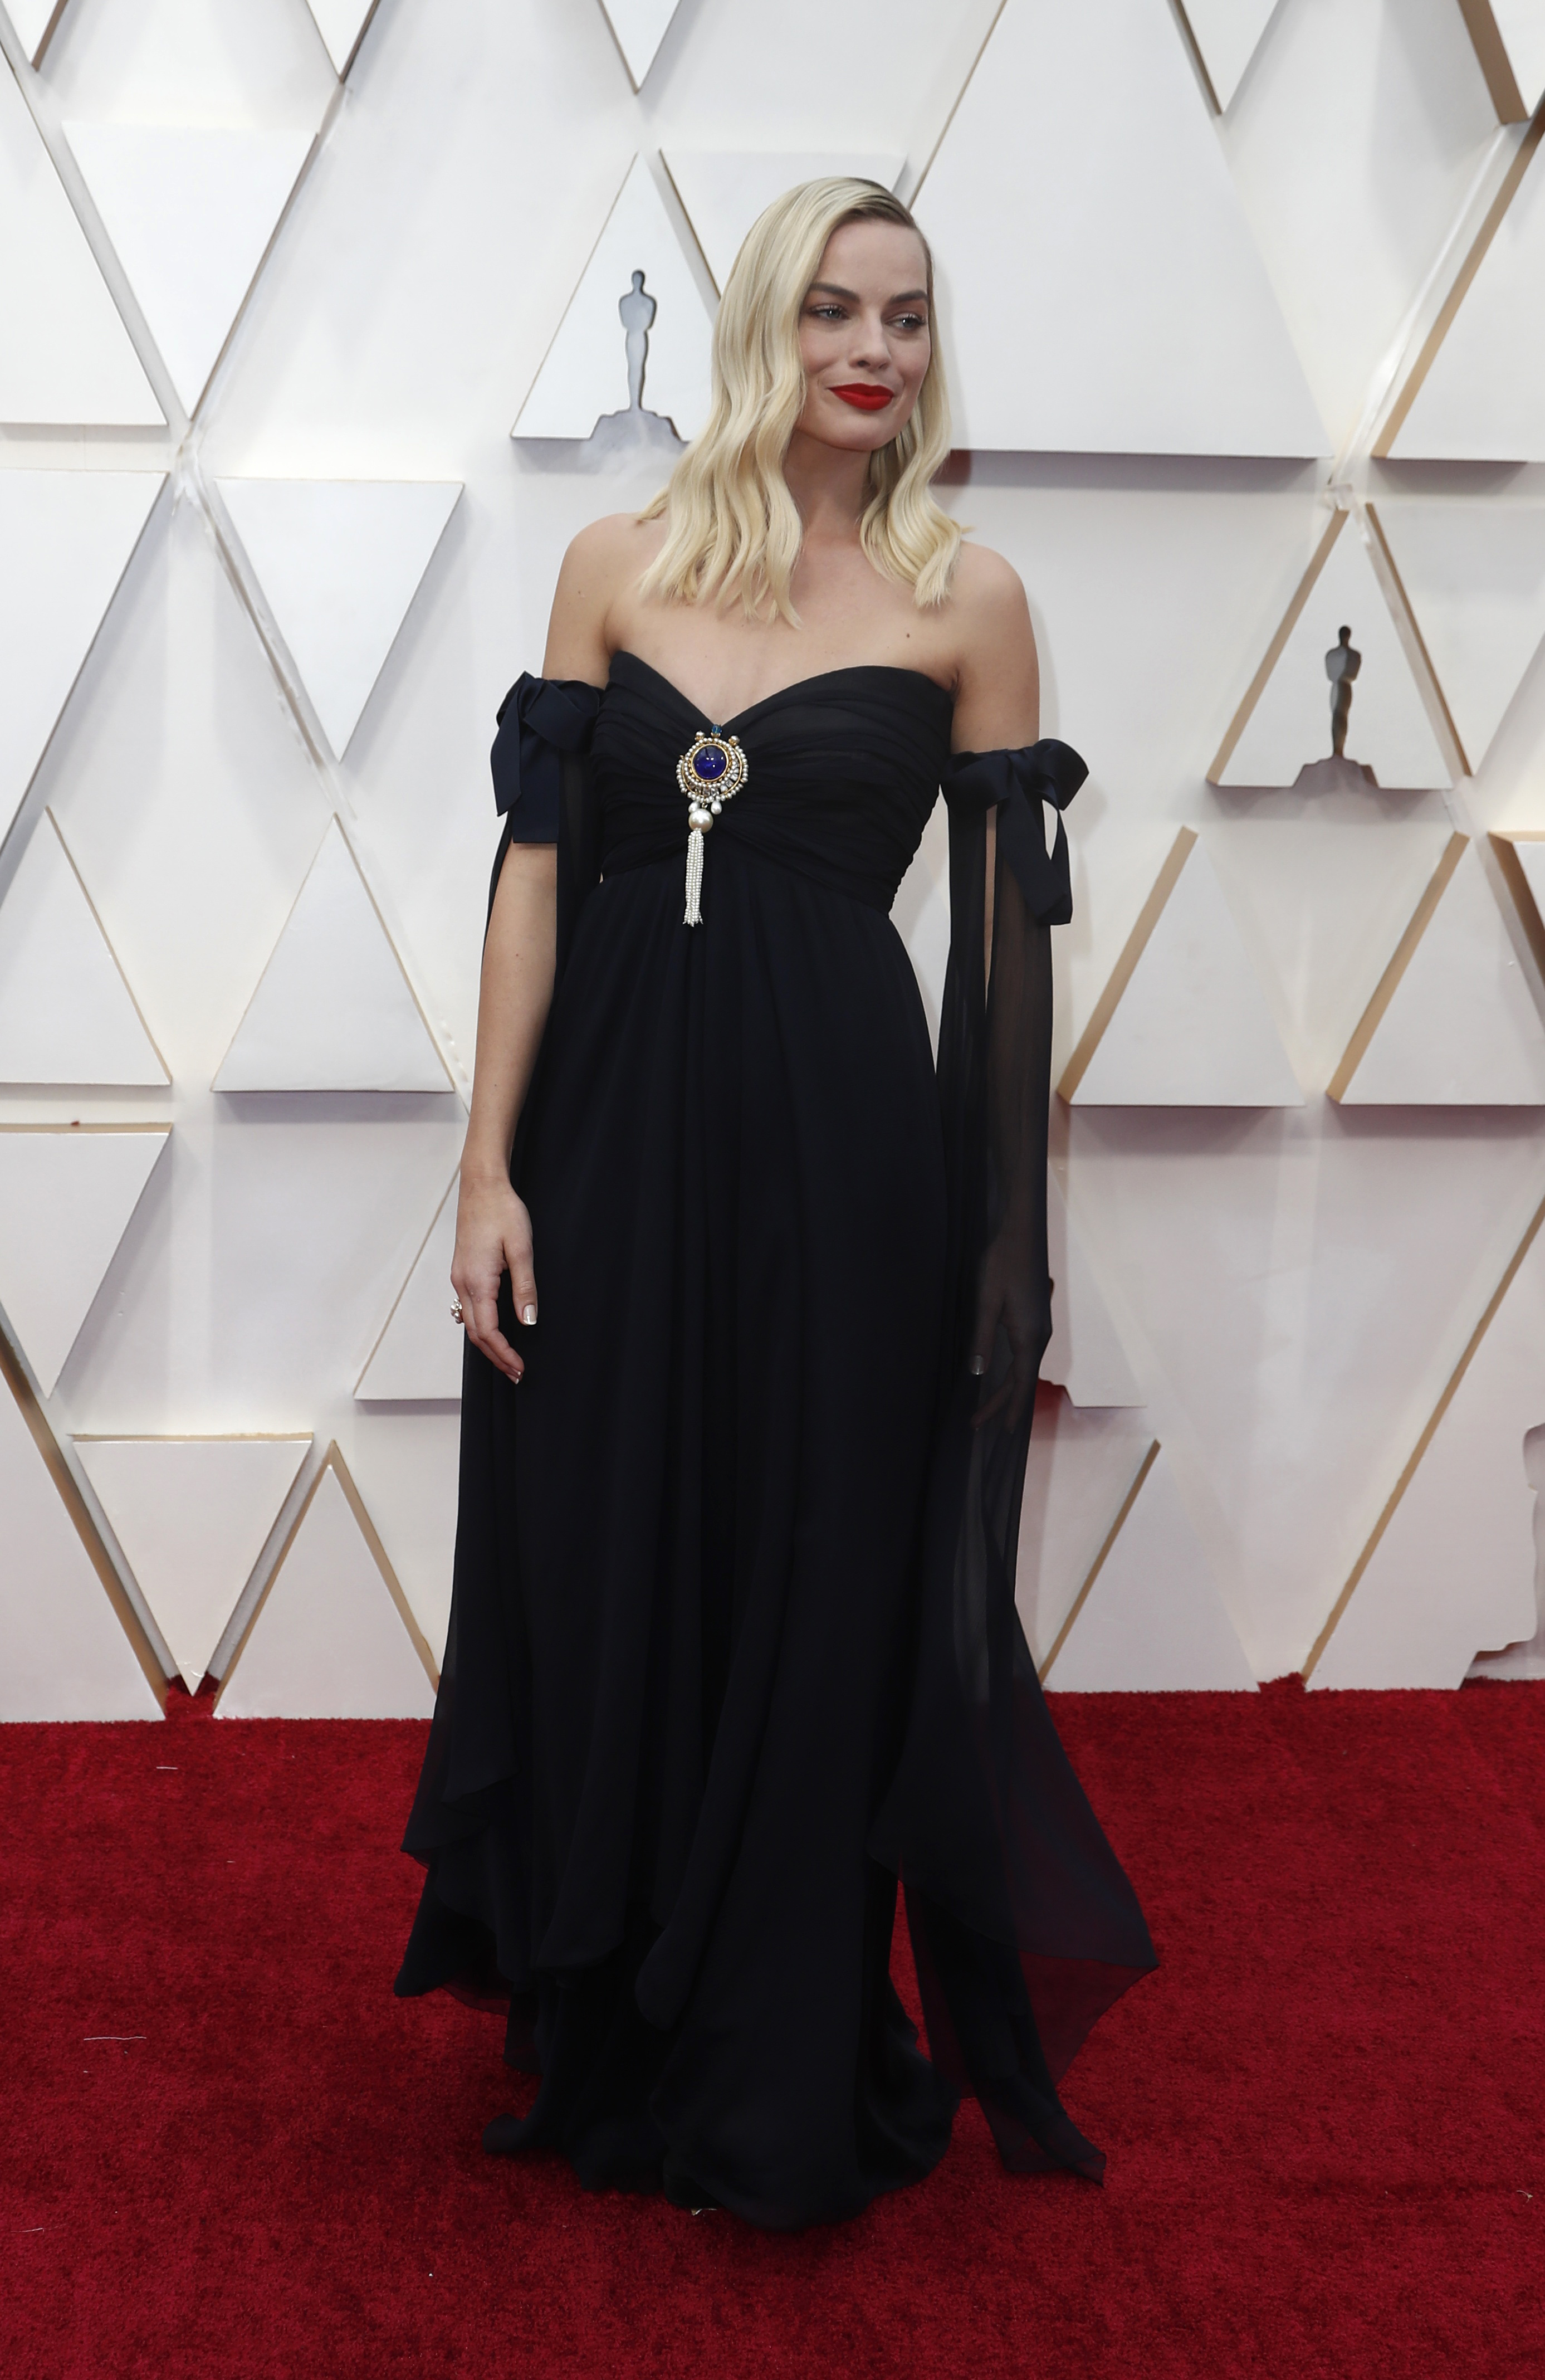 Margot Robbie, optó por un diseño de seda en negro con un aplique con gemas de colores en el escote corazón. El diseño del vestido también tuvo detalles de moños en las mangas. El beauty look de la actriz fue cabello suelto y resaltar su maquillaje con labios rojos